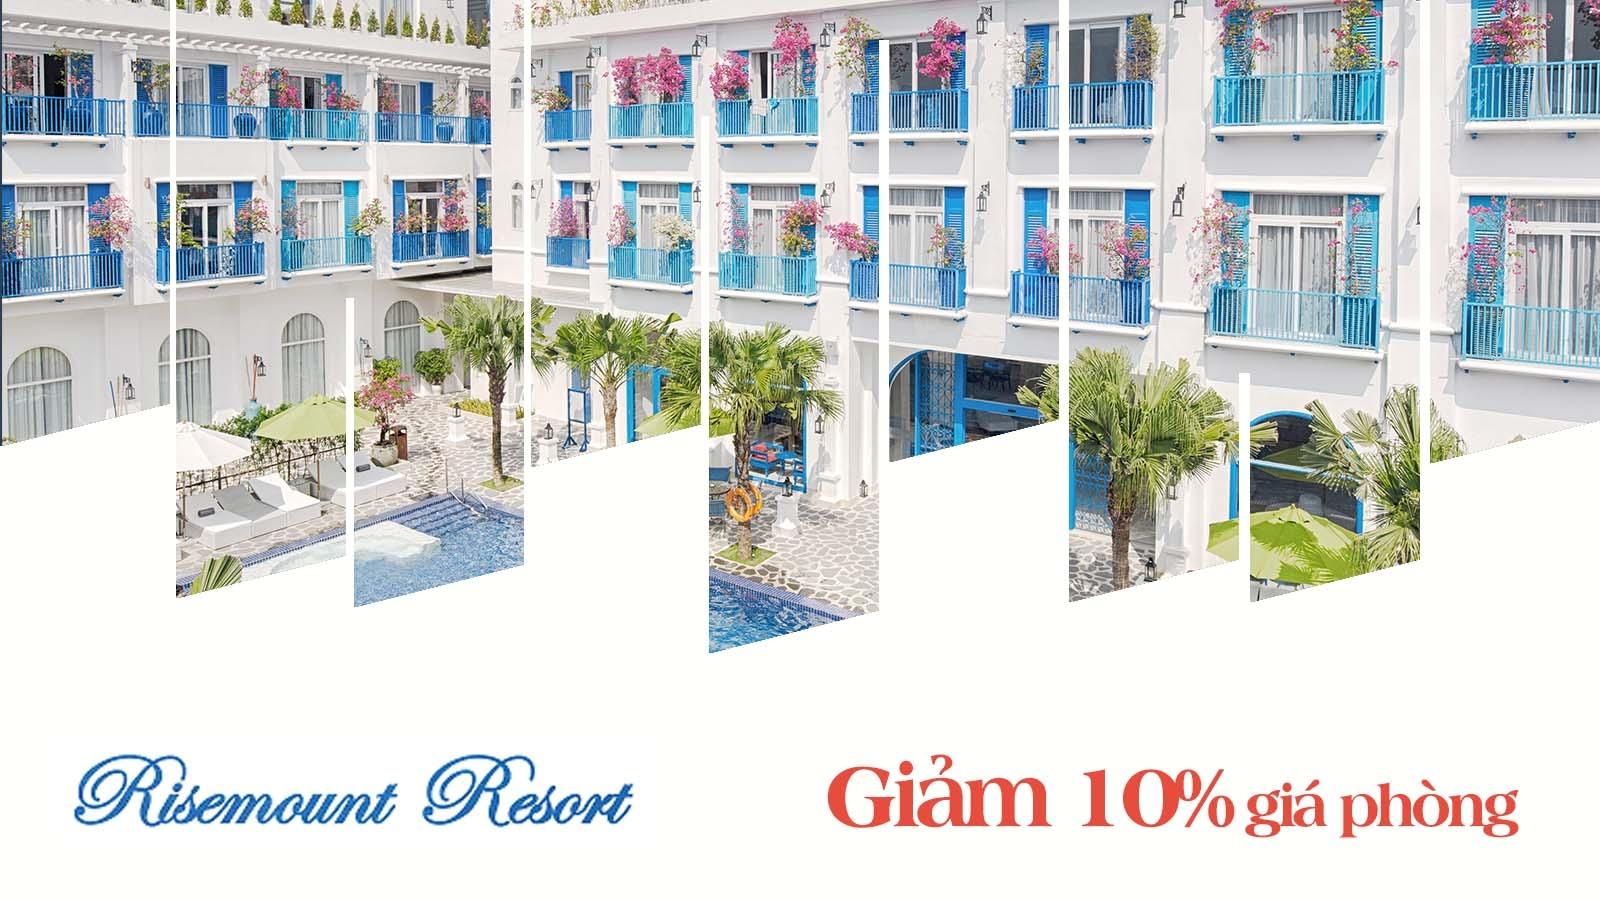 Risemount Resort – Giảm 10% giá phòng 2